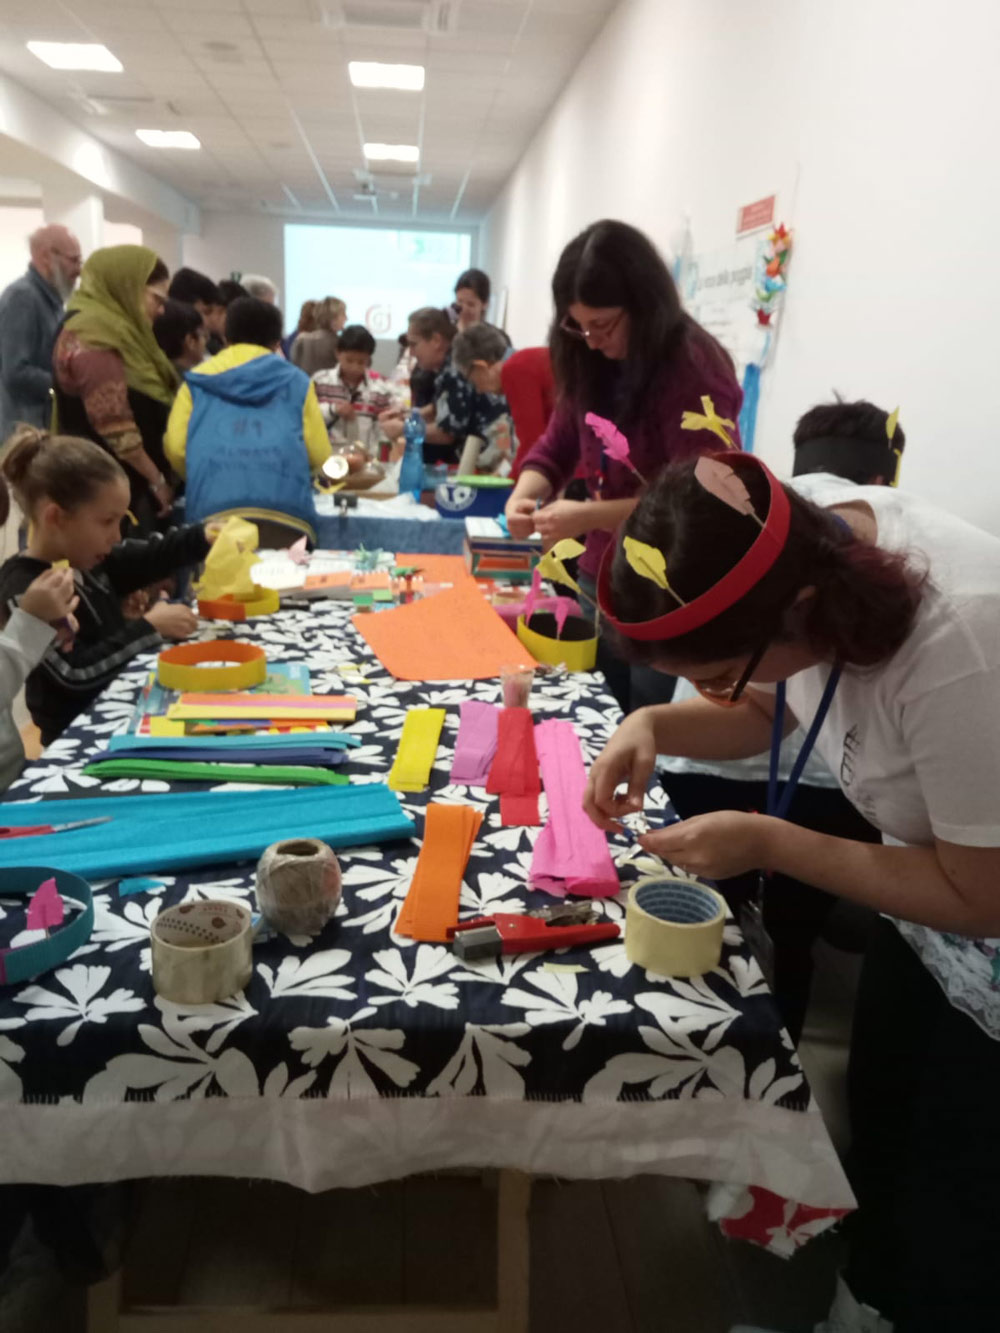 Banchetti espositivi e laboratori per bambini e ragazzi.